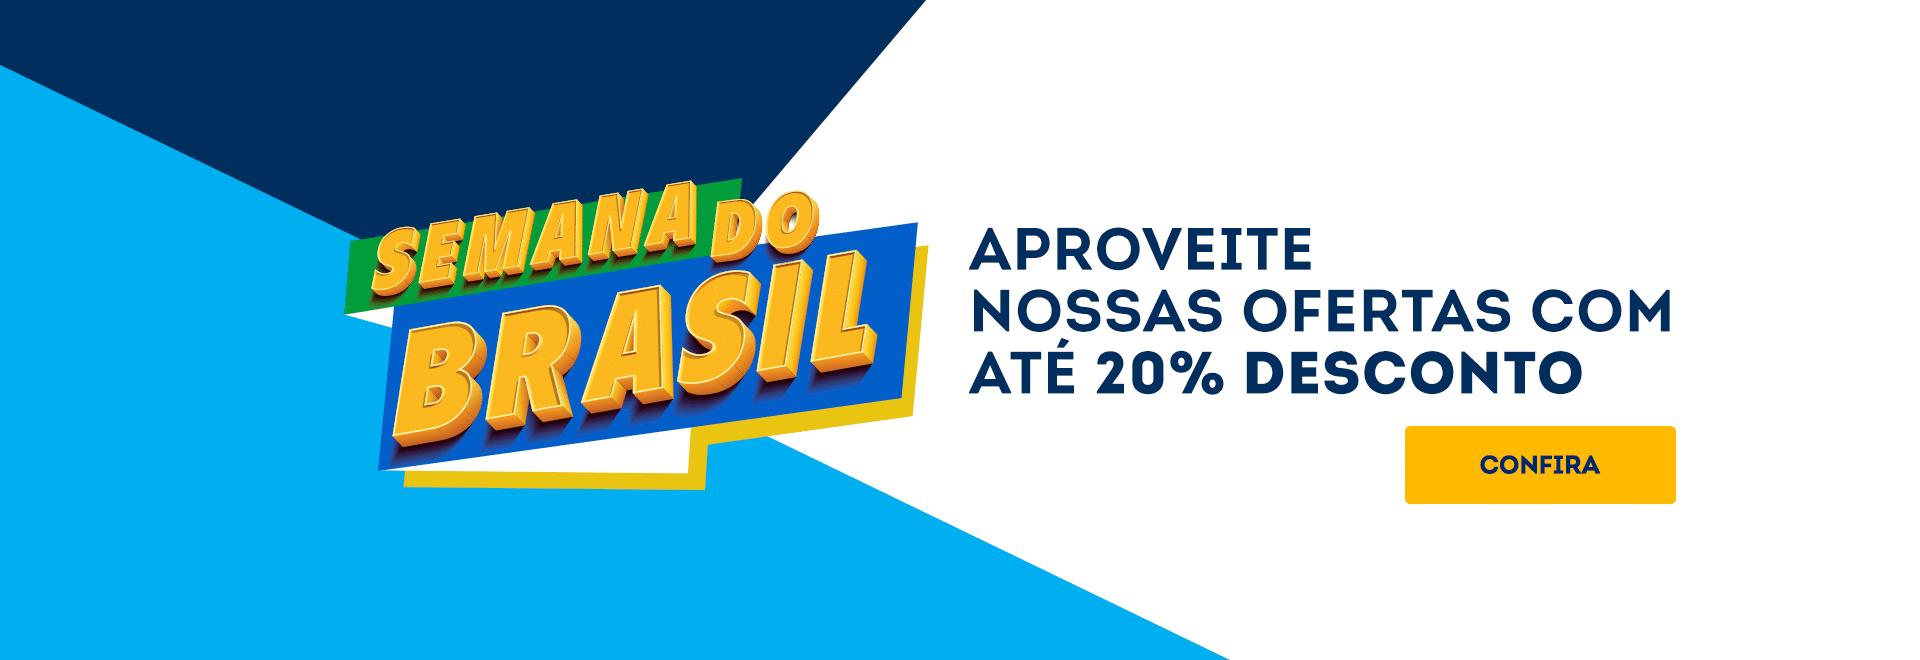 semana_do_brasil